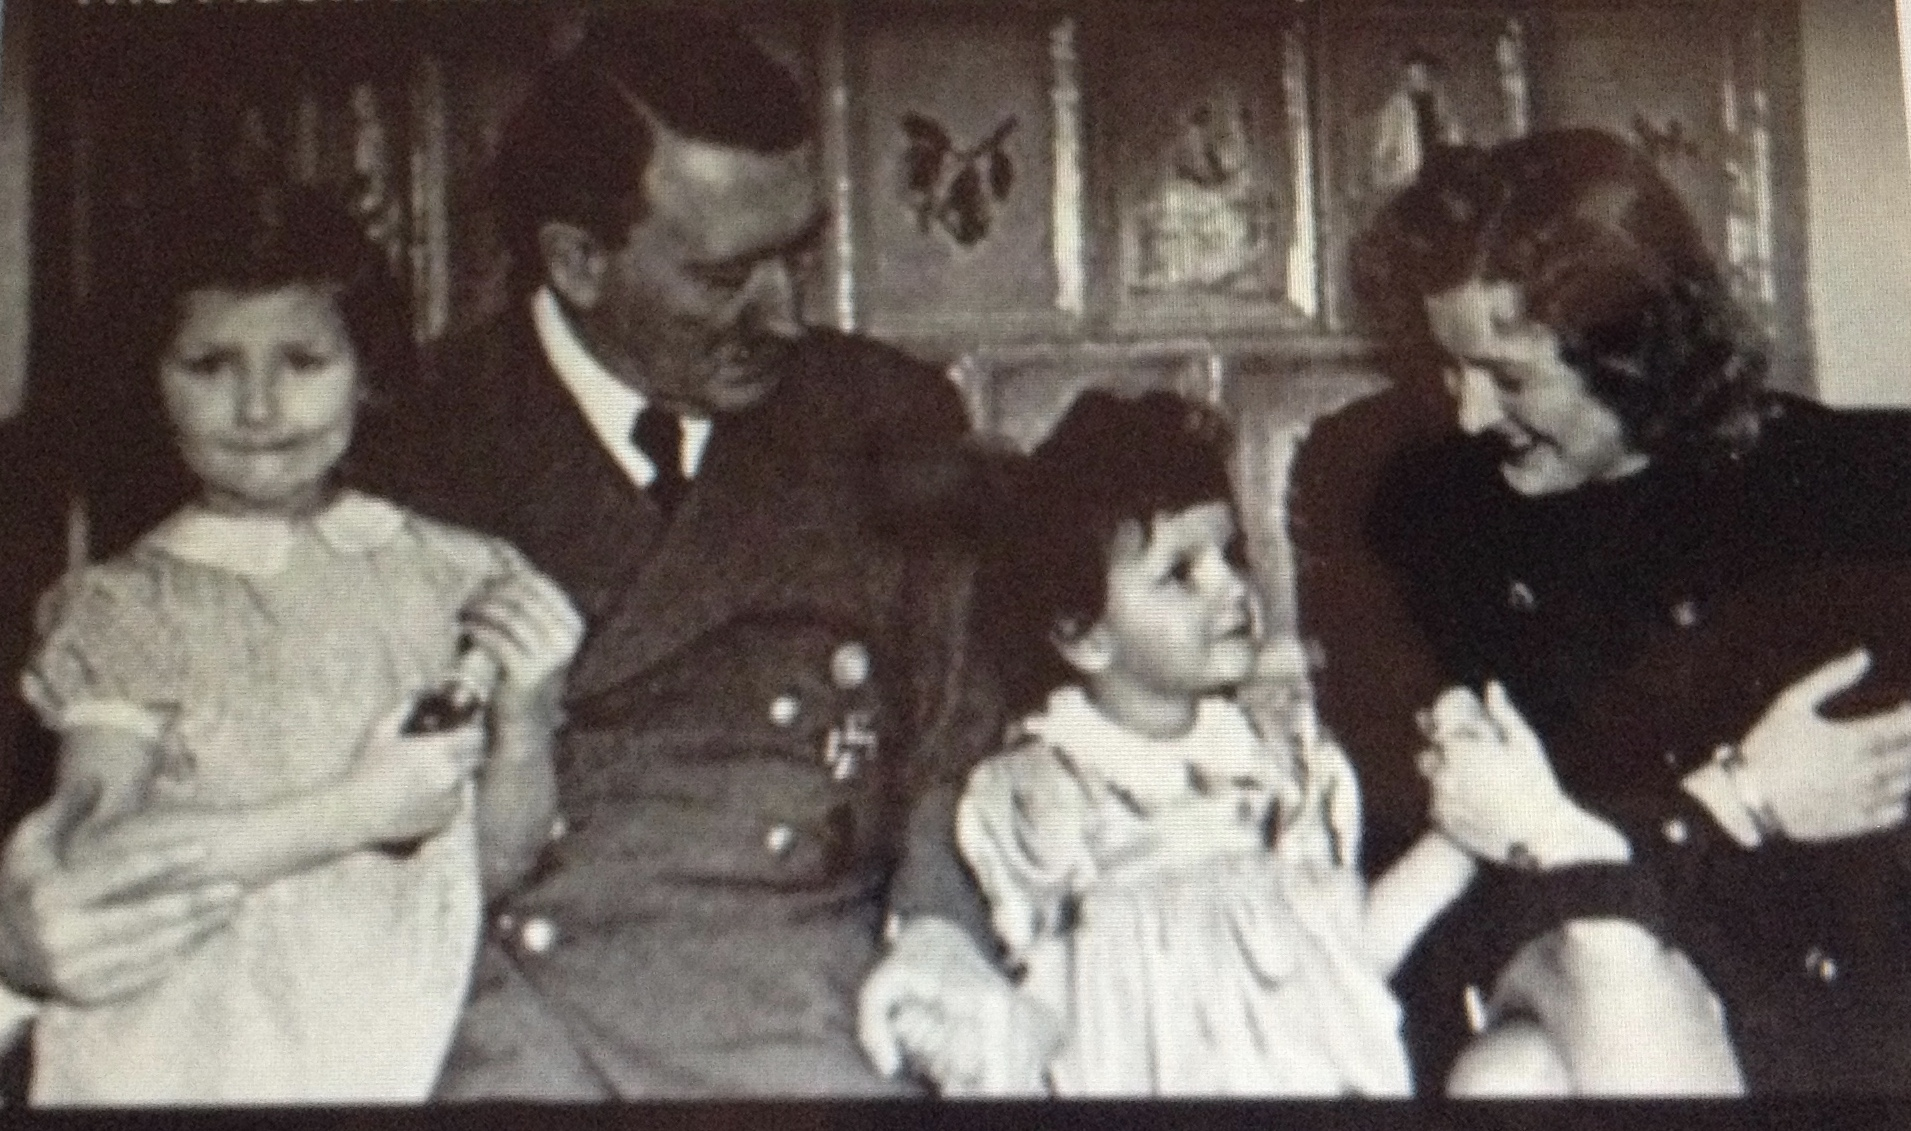 Фото адольфа гитлера с детьми